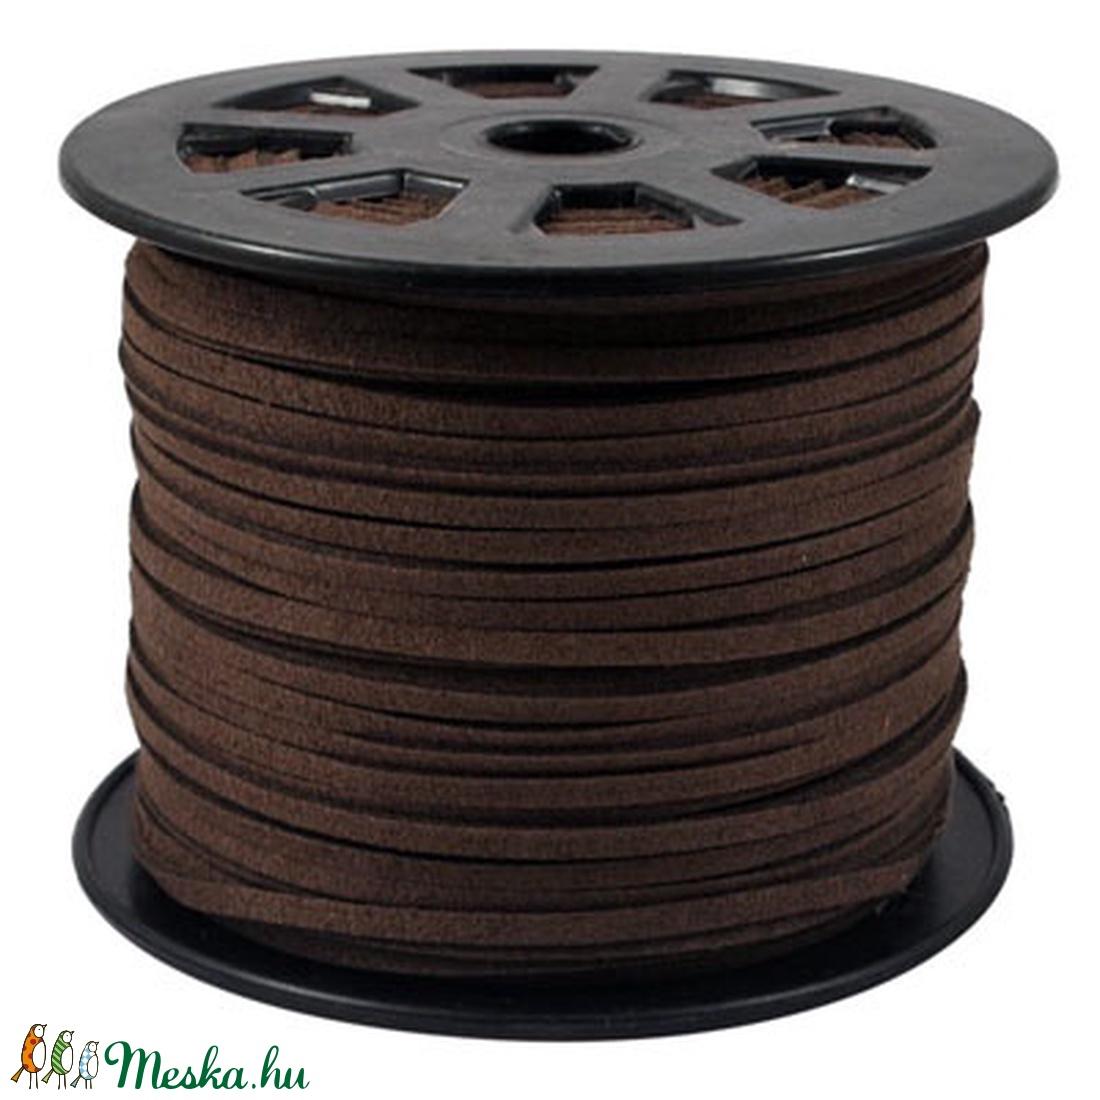 Szarvasbőr utánzat-13 (3x1,5 mm/1 m) - csokoládébarna (csimbo) - Meska.hu